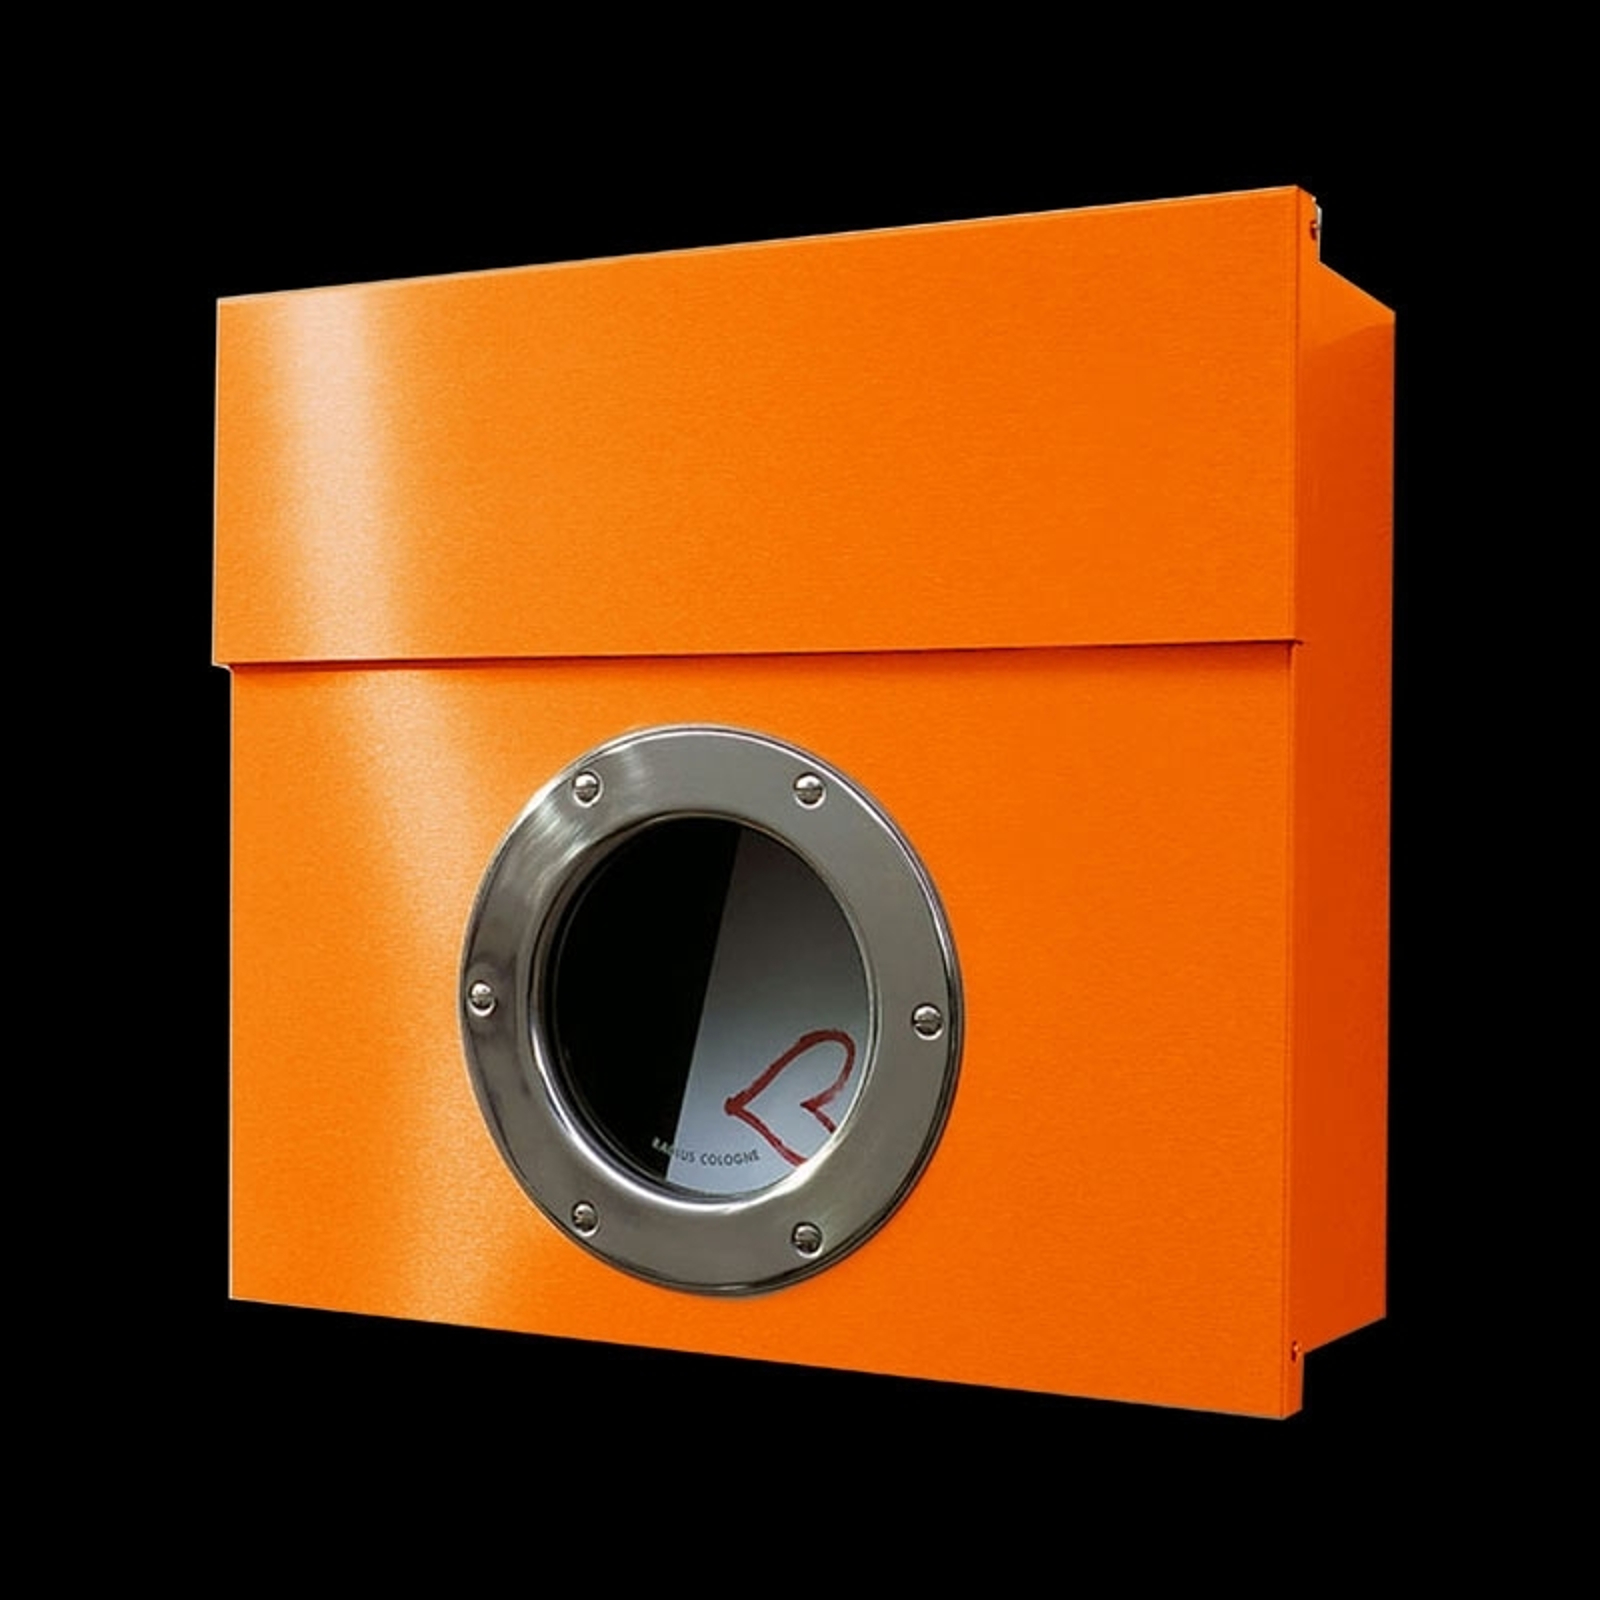 Design-brevlåda Letterman I, orange